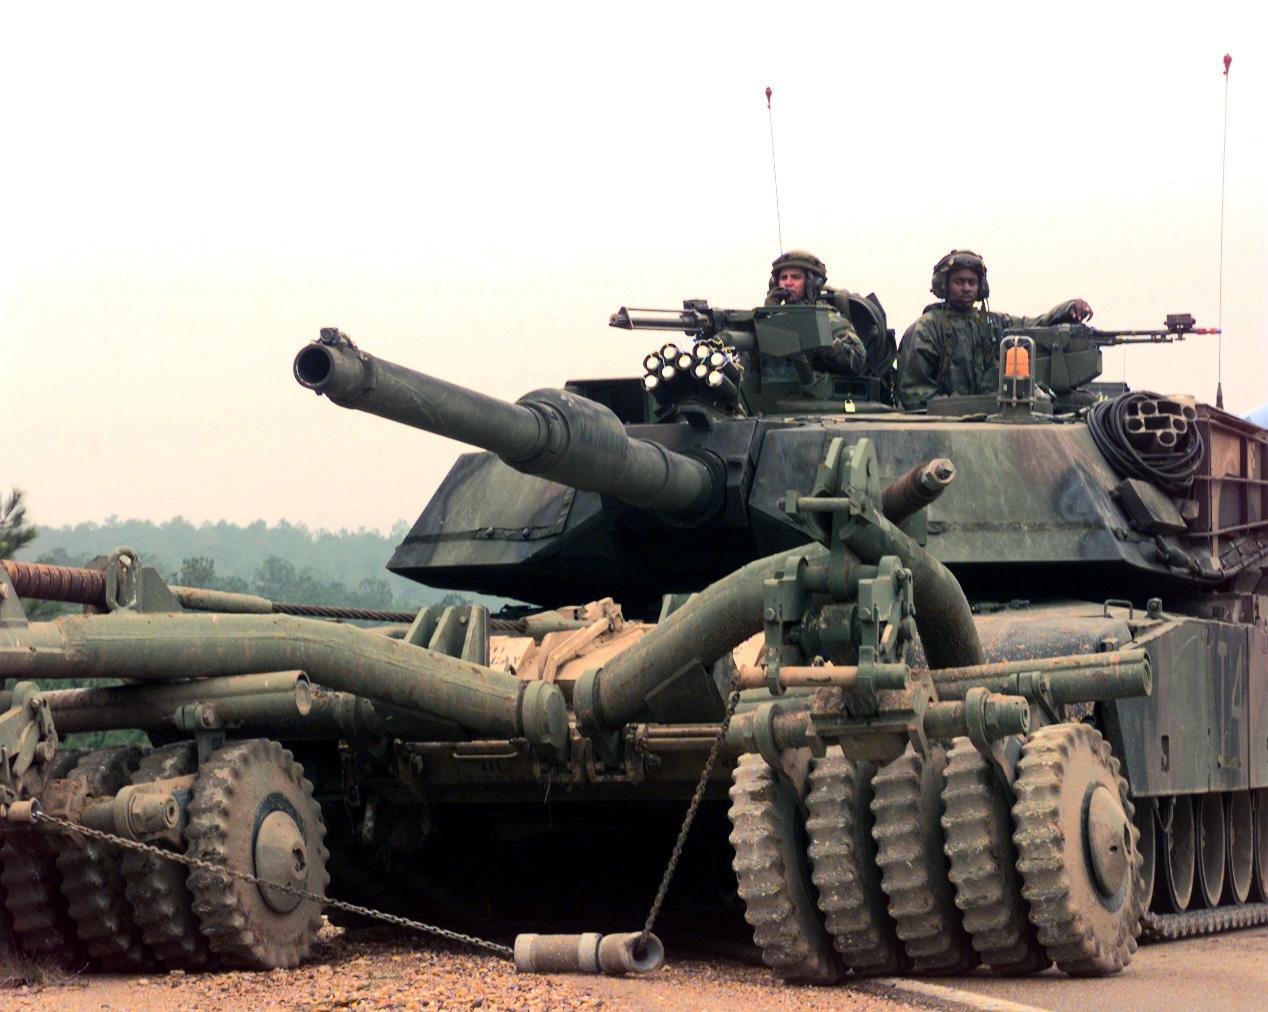 Автомобиль ВСУ подорвался на мине возле Красногоровки, 7 военных погибли, - штаб АТО - Цензор.НЕТ 2120